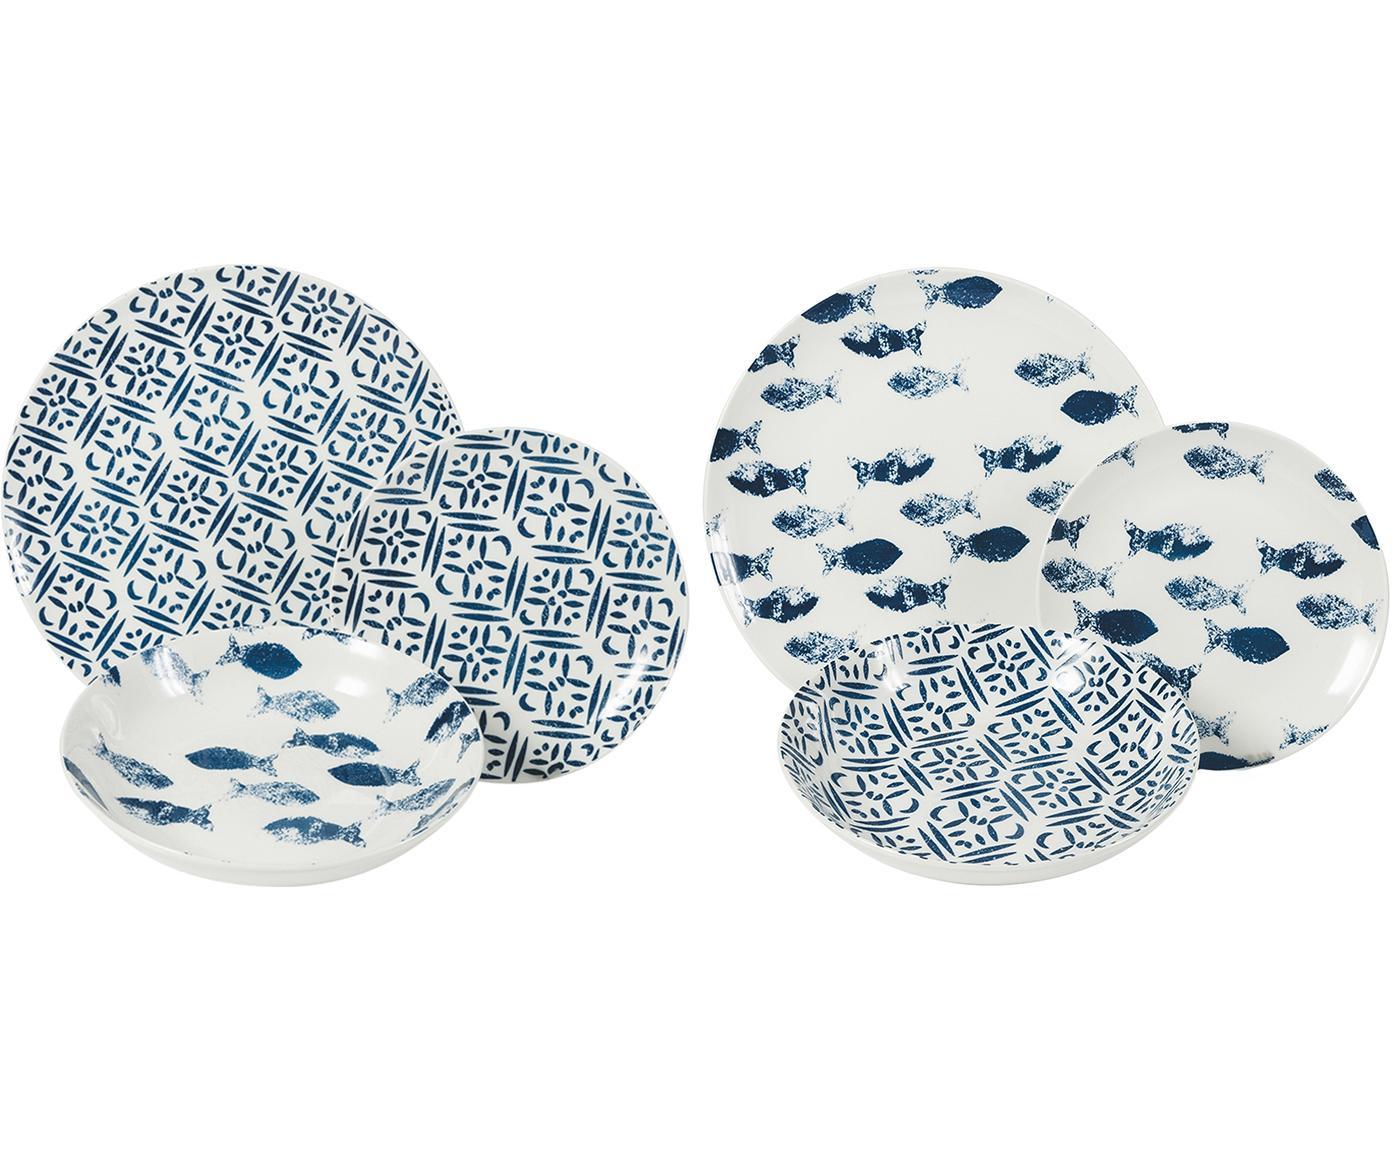 Vajilla Playa, 6comensales (18pzas.), Porcelana, Azul, Tamaños diferentes